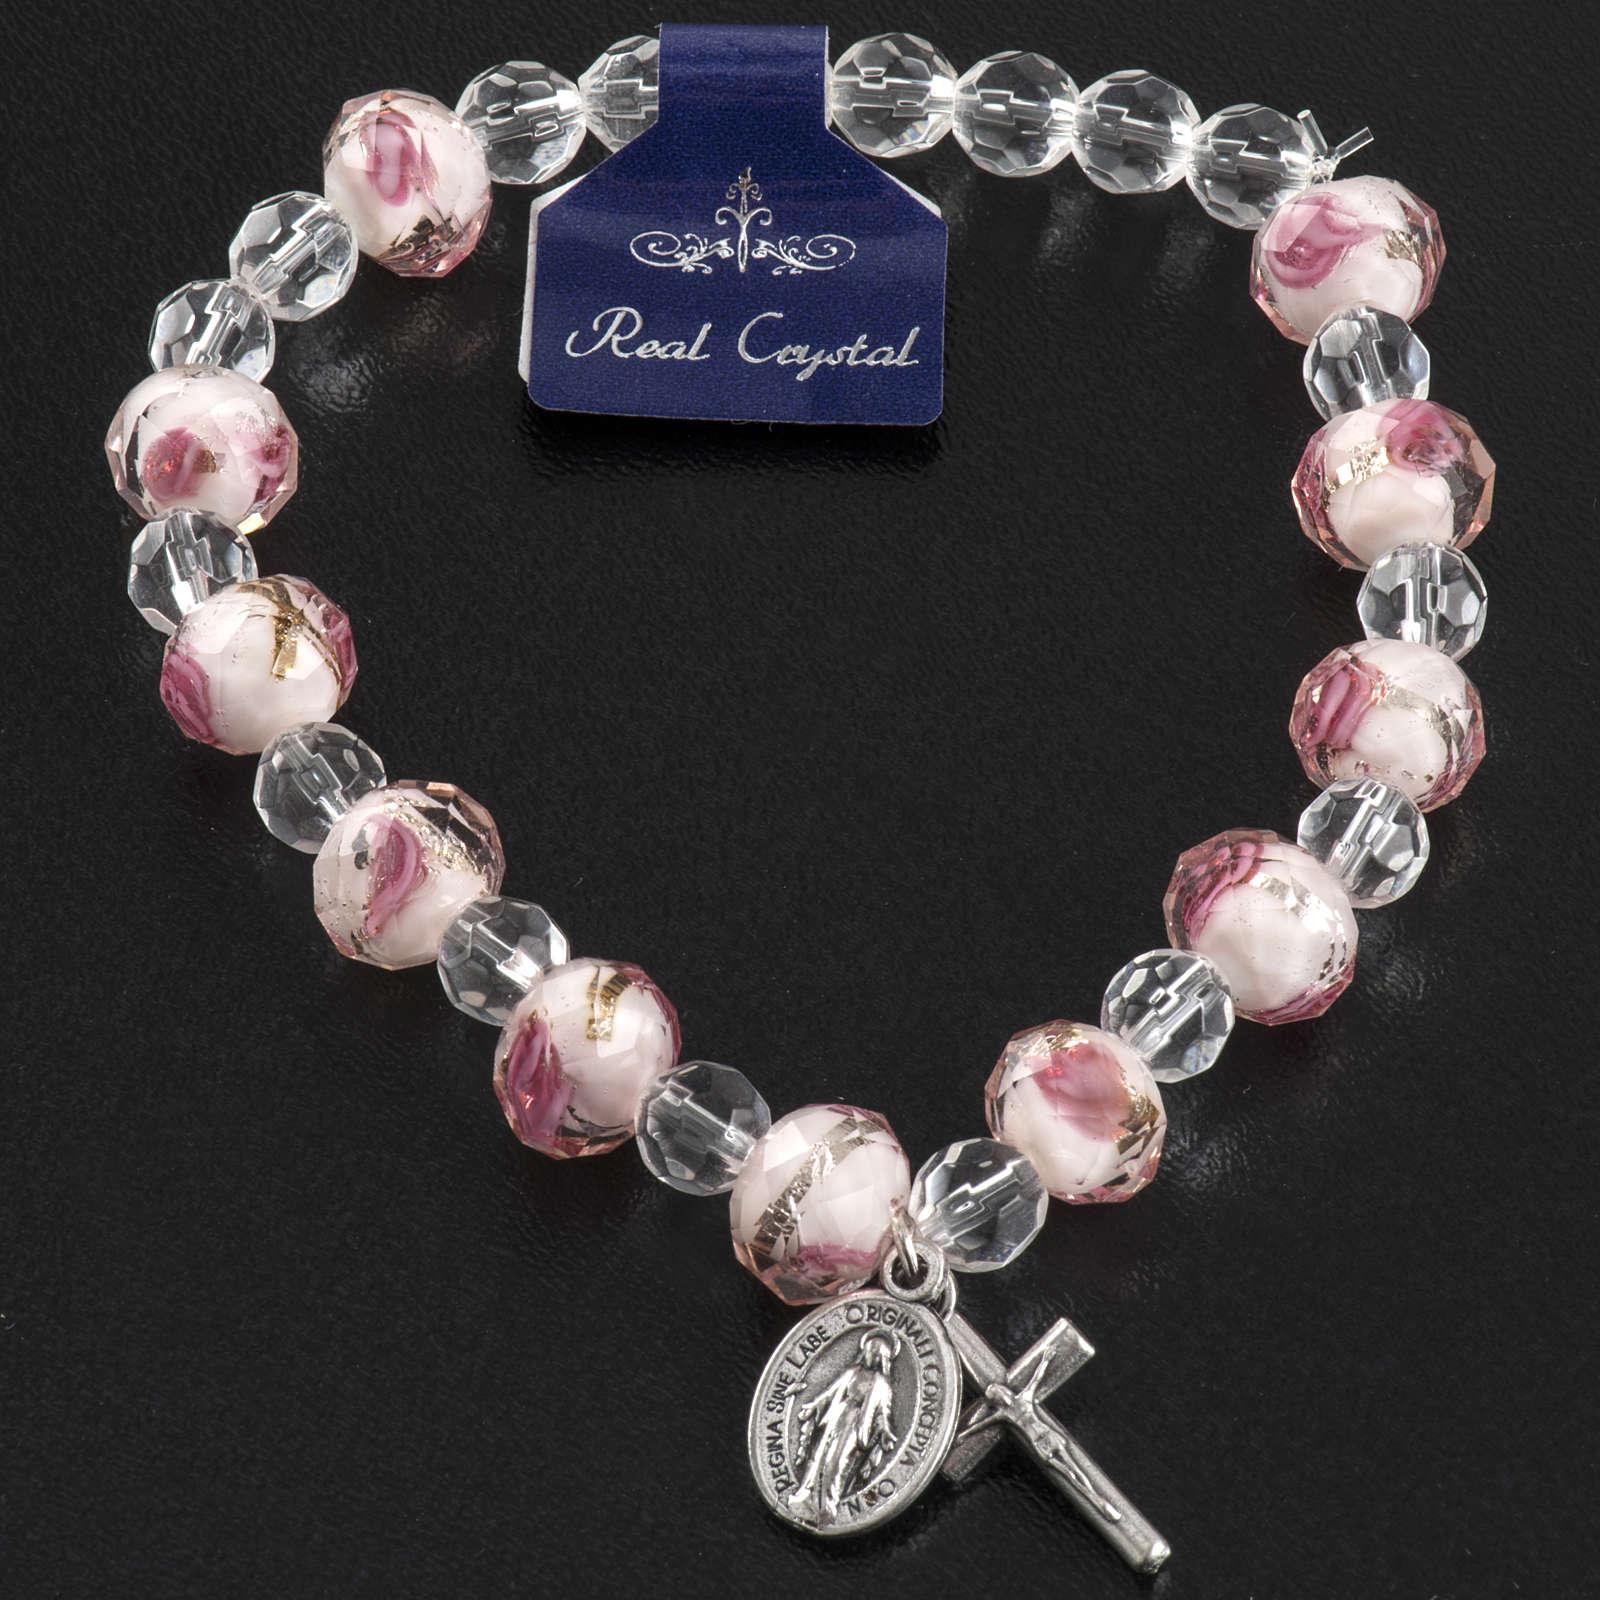 Bracciale elastico cristallo 7mm bianco e rosa 4